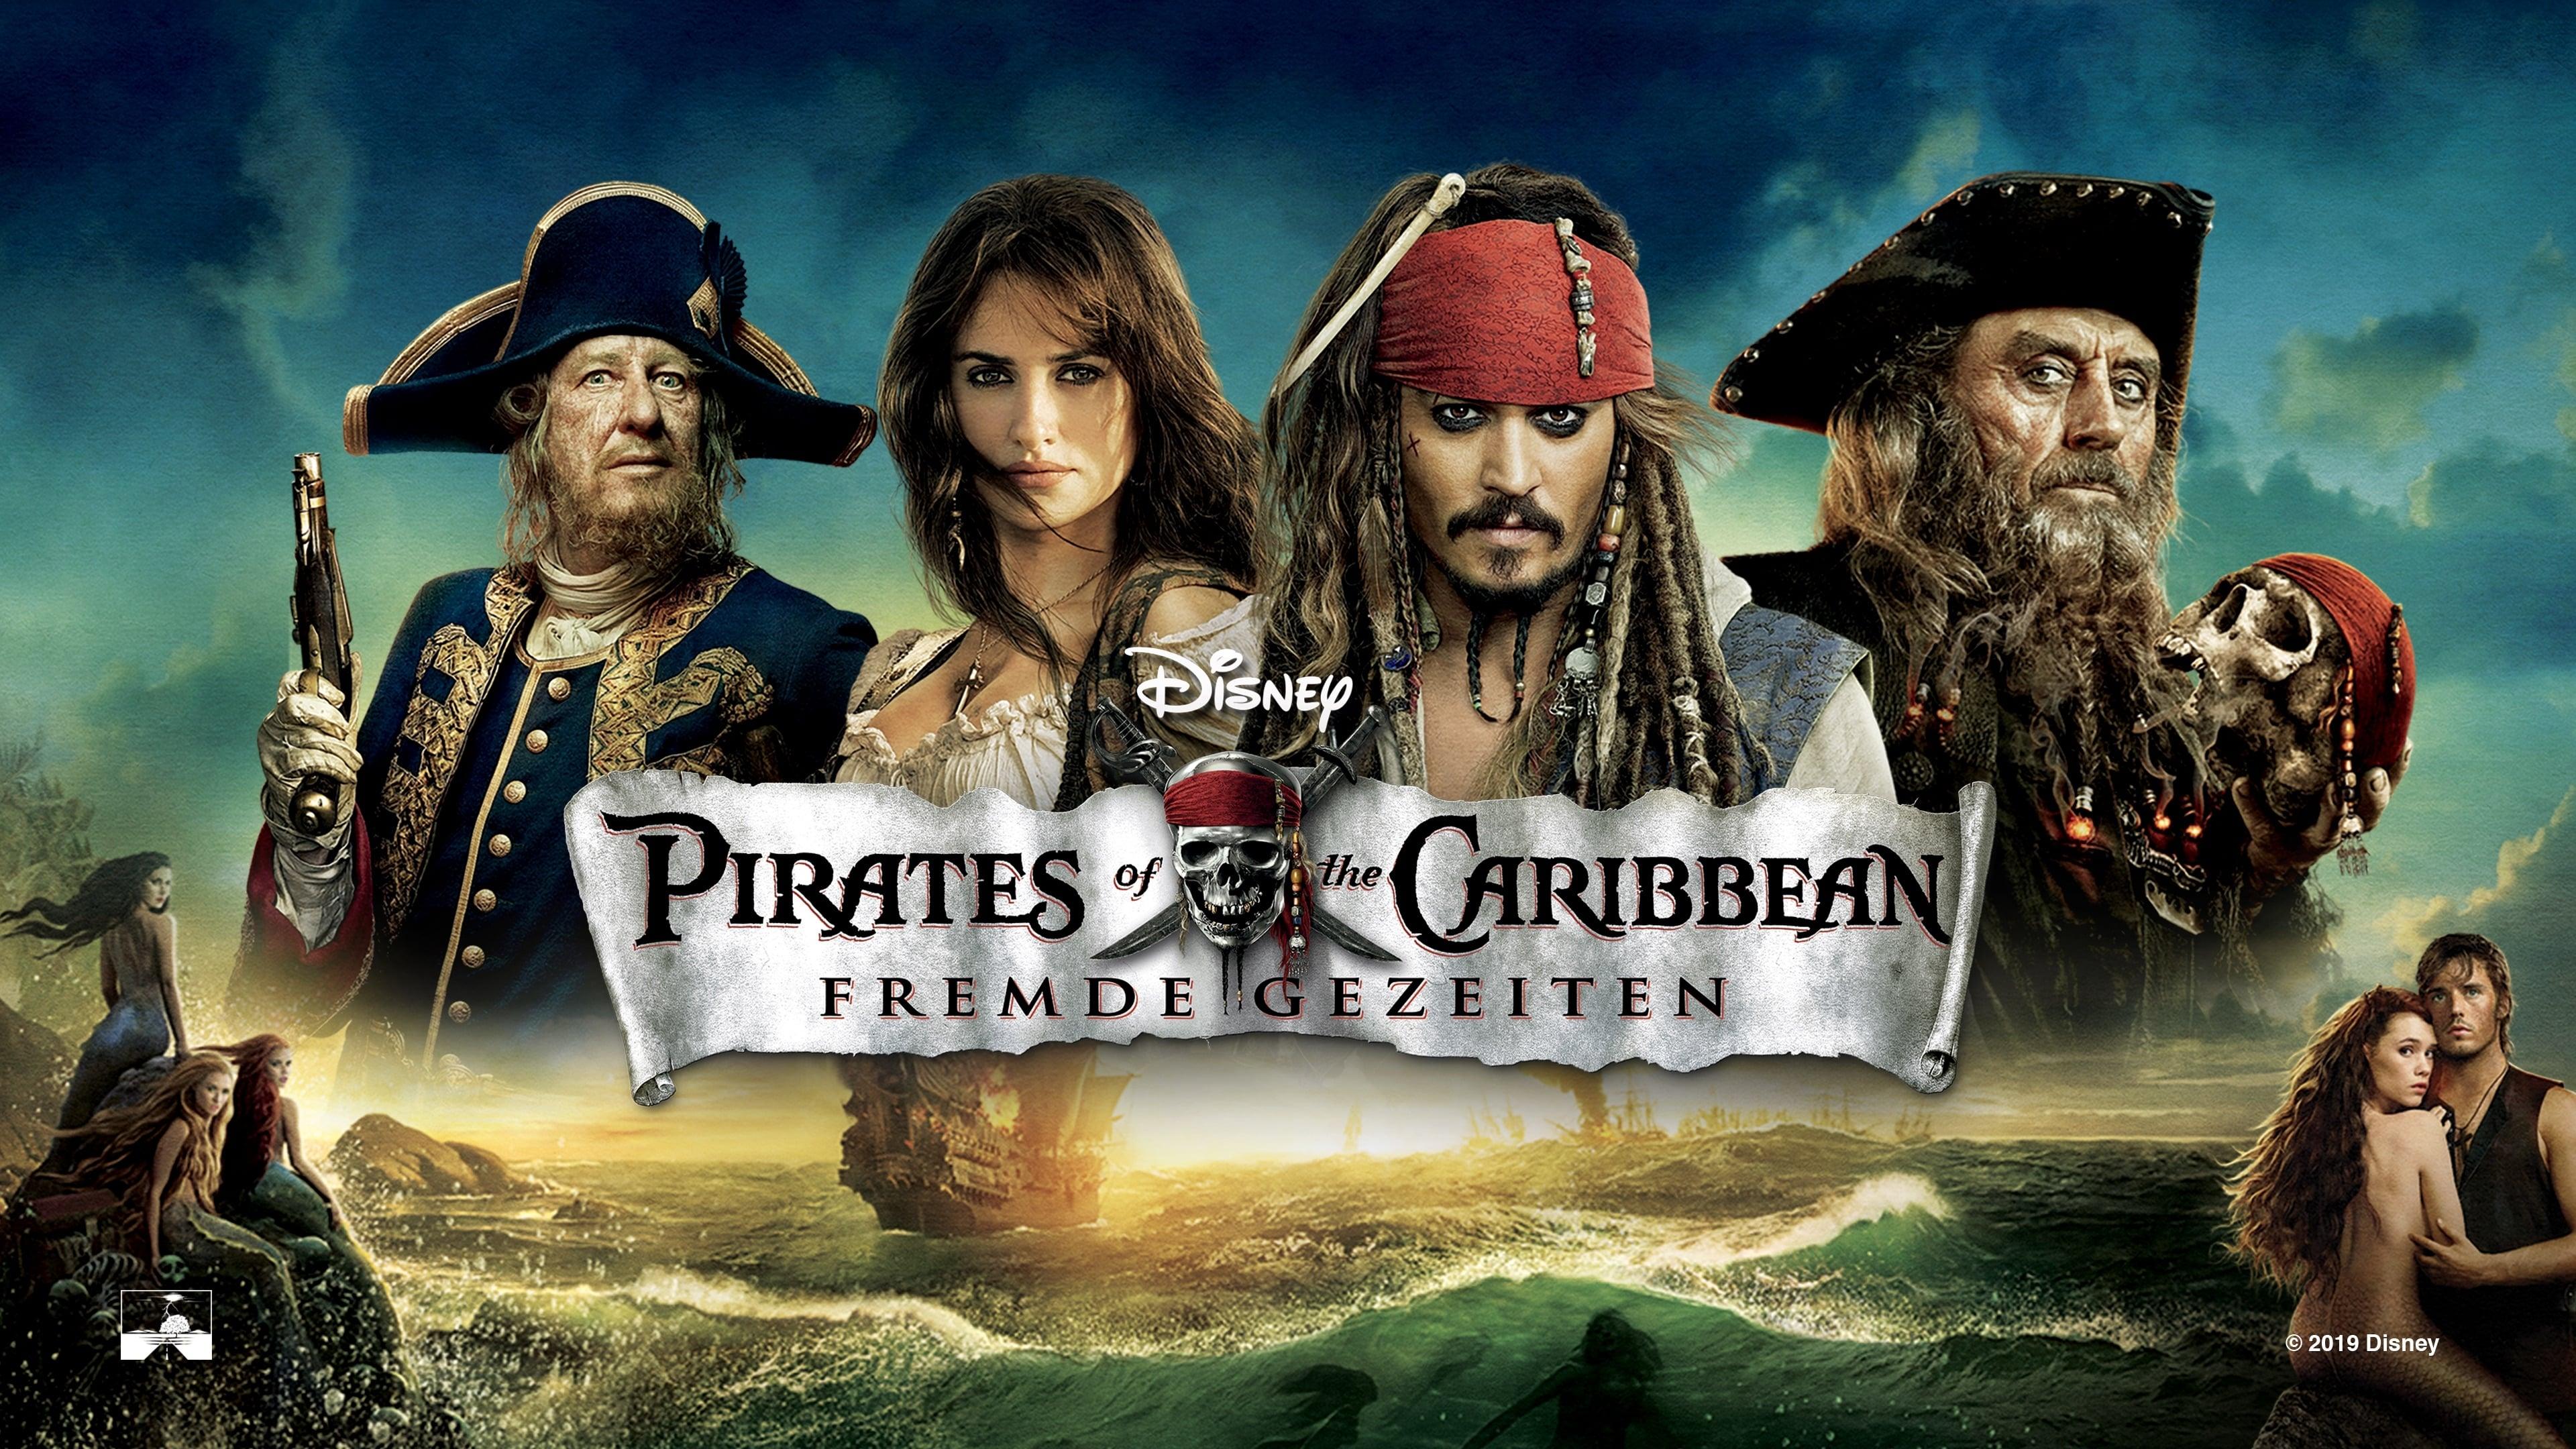 Piratas del Caribe: Navegando en Aguas Misteriosas